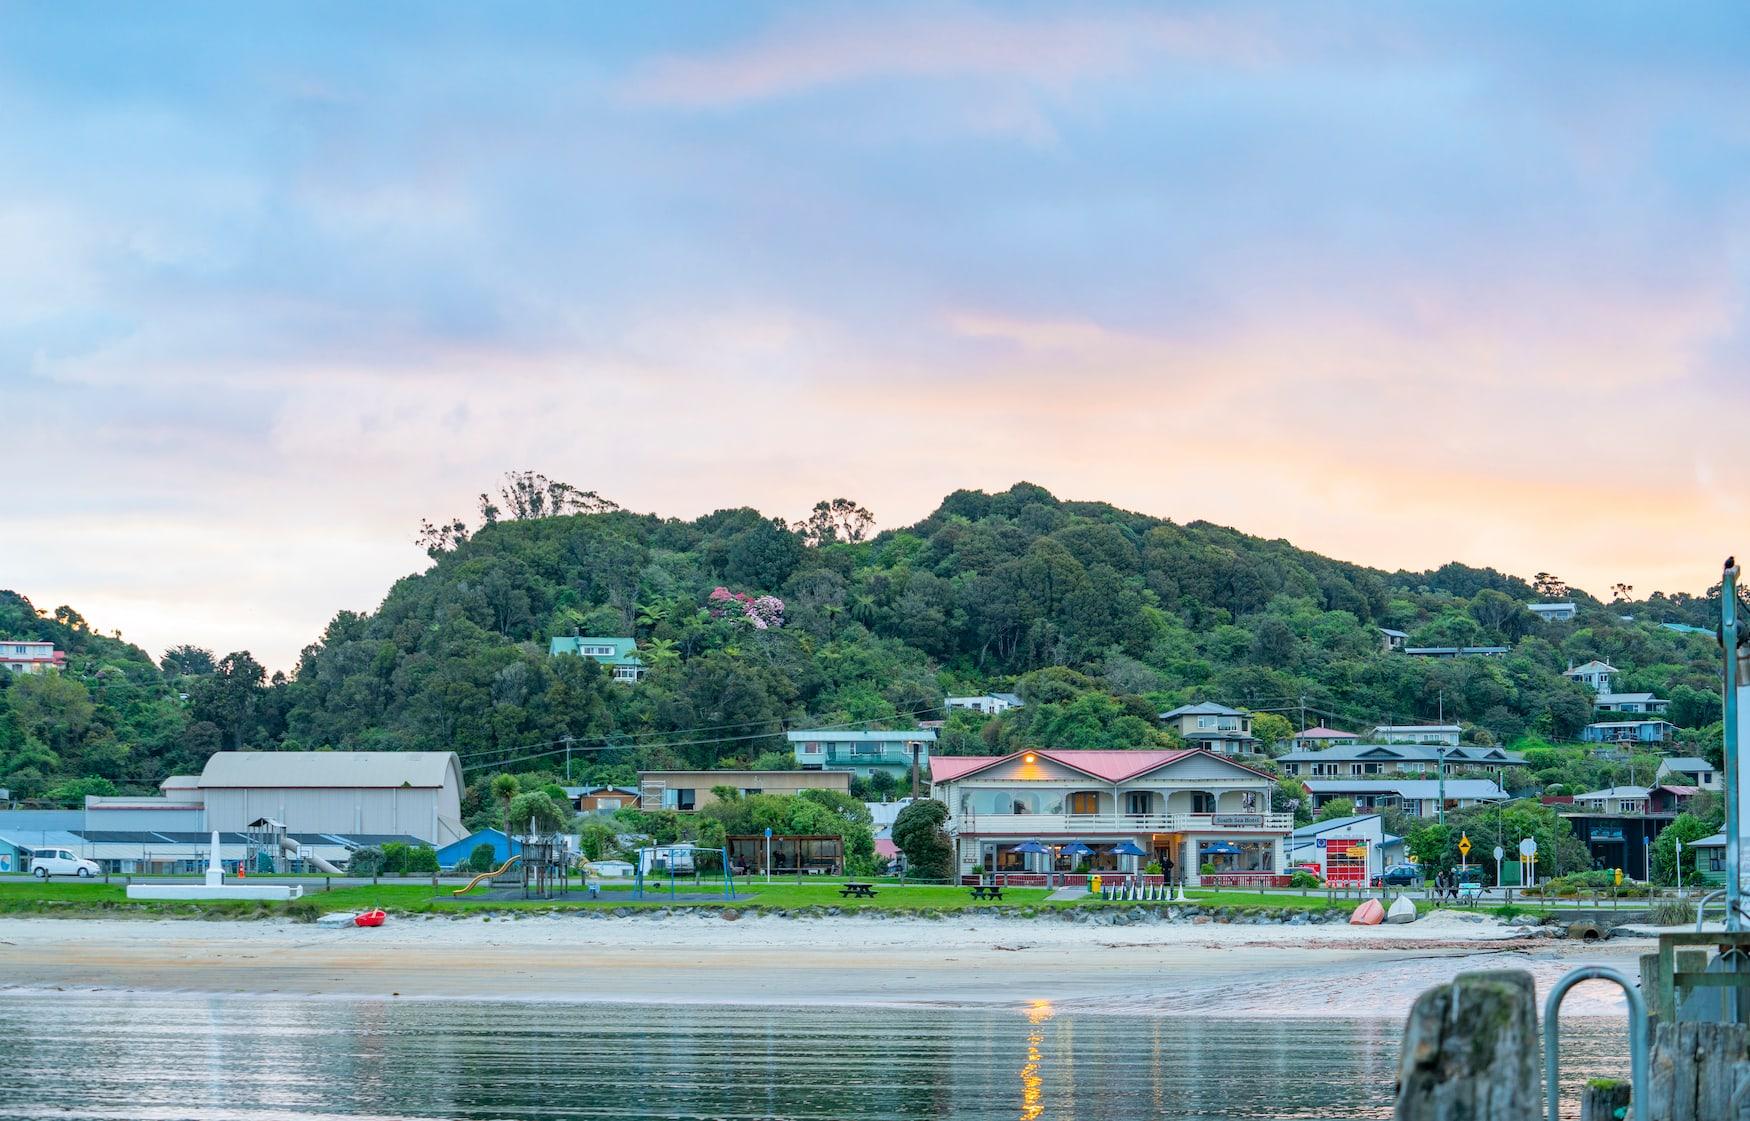 Hafen in Oban, auf Stewart Island an der Küste von Neuseeland